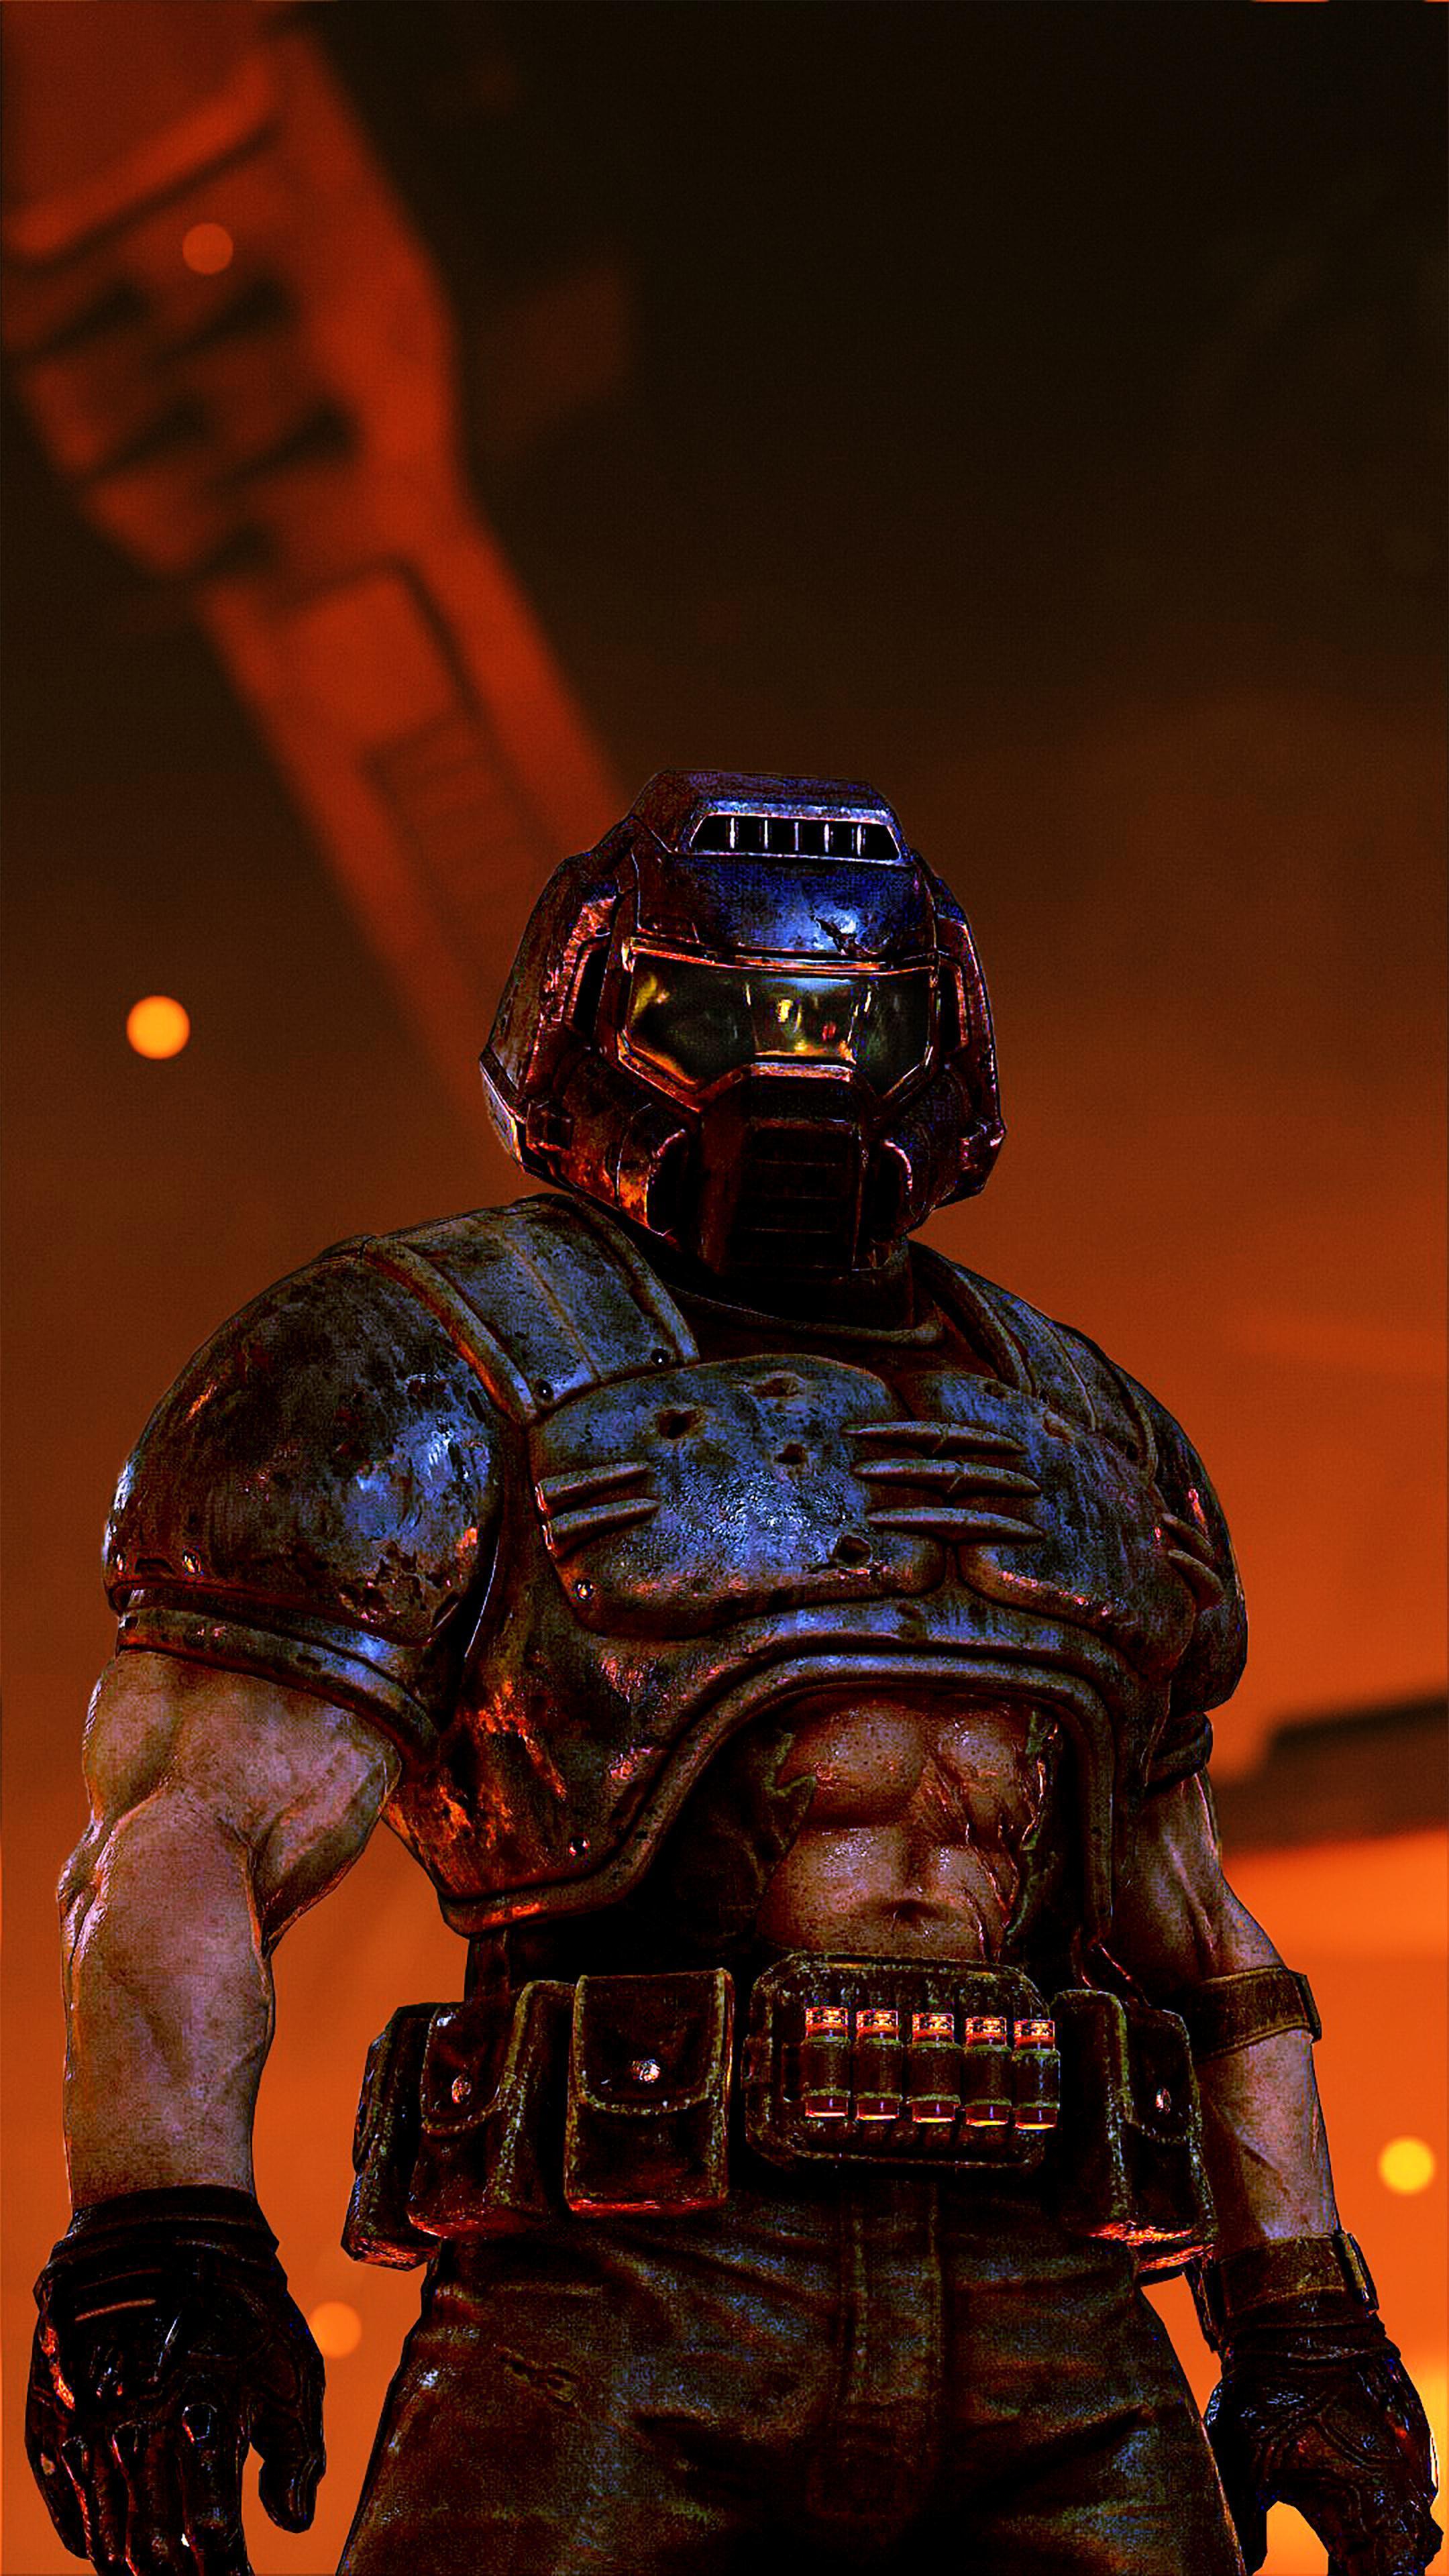 classic doom guy helmet